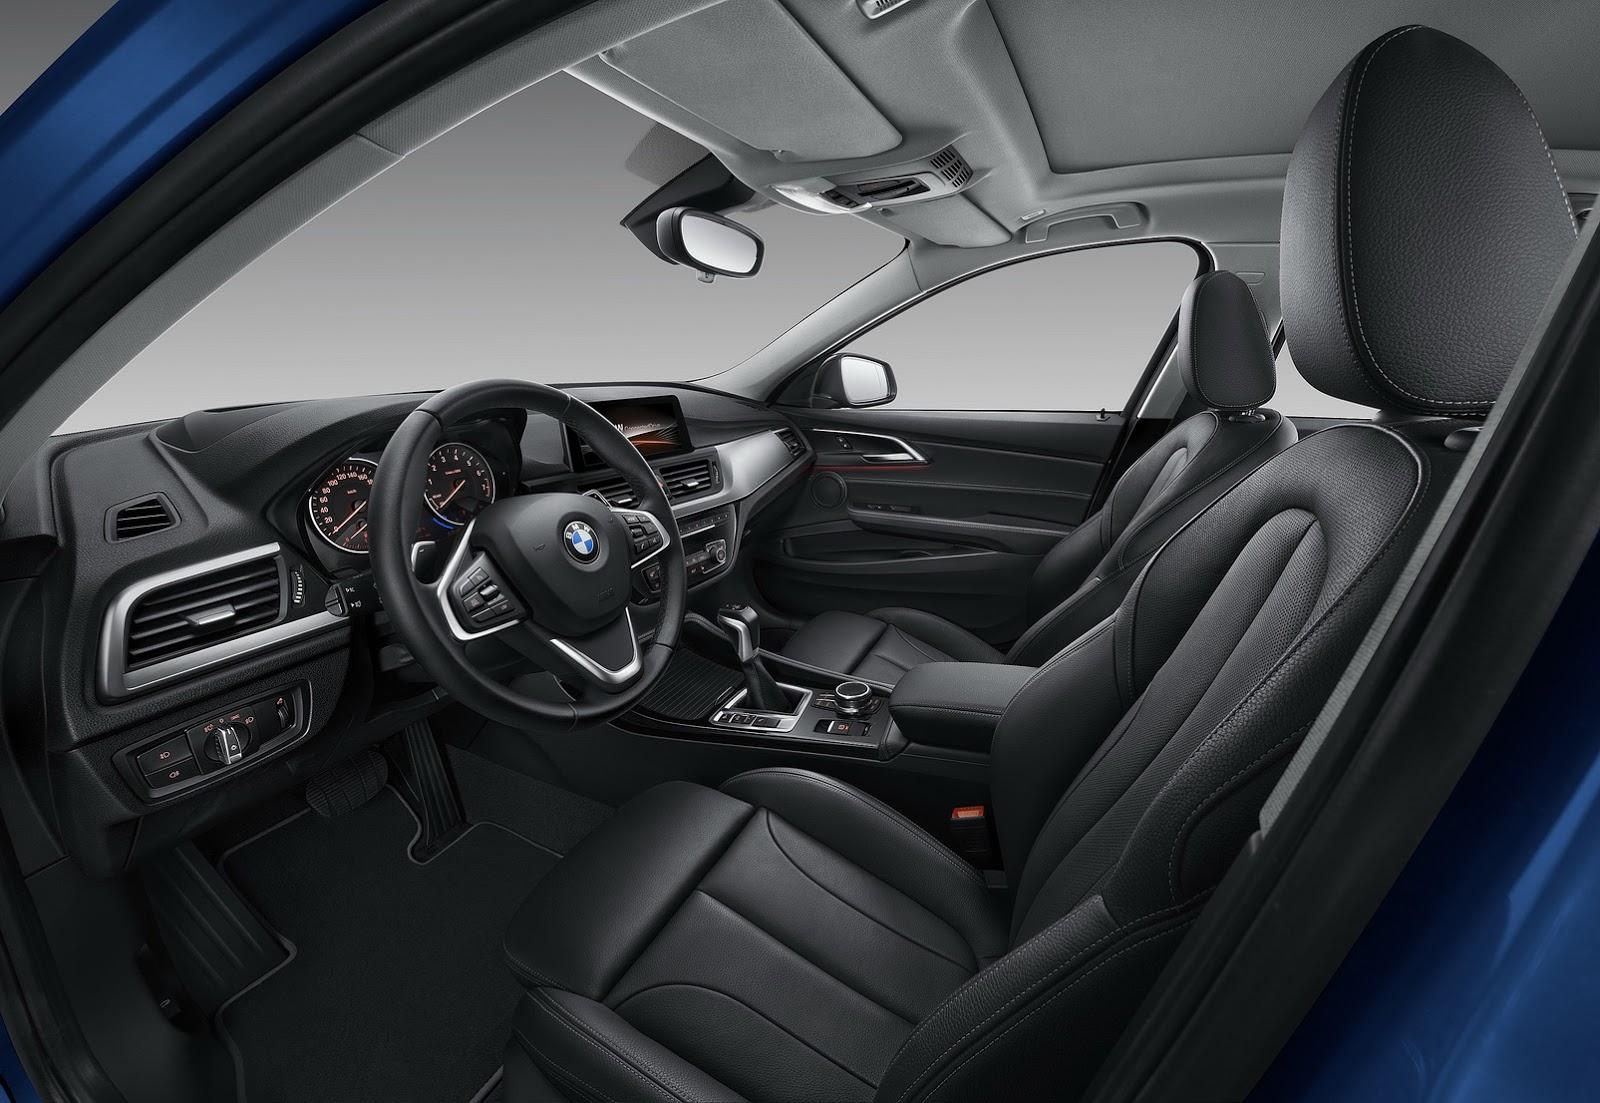 bmw-1series-sedan-detailed-2.jpg